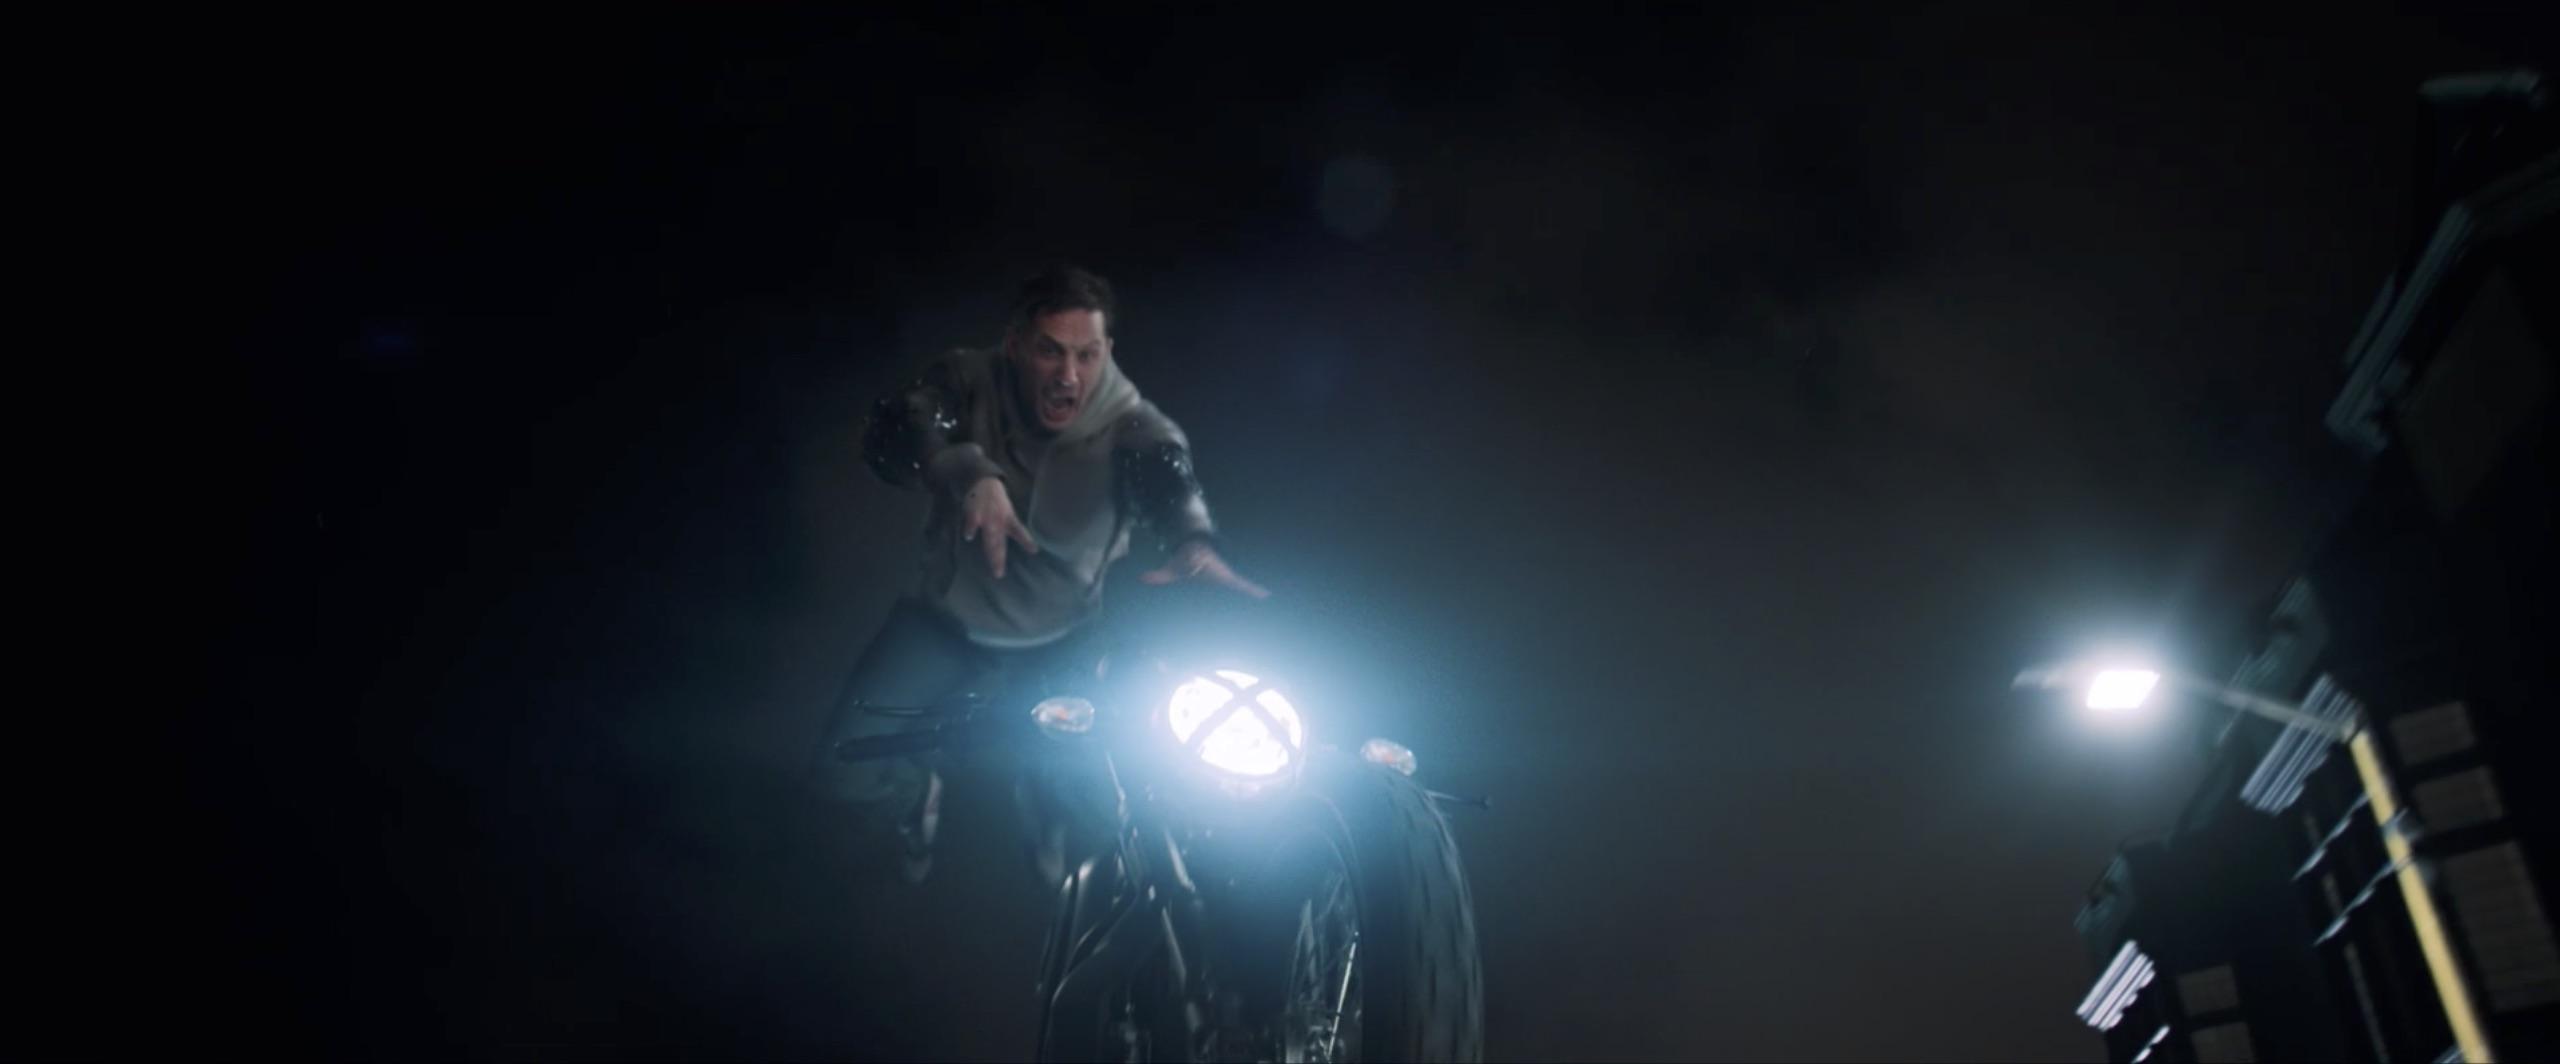 venom eddy brock bike jump